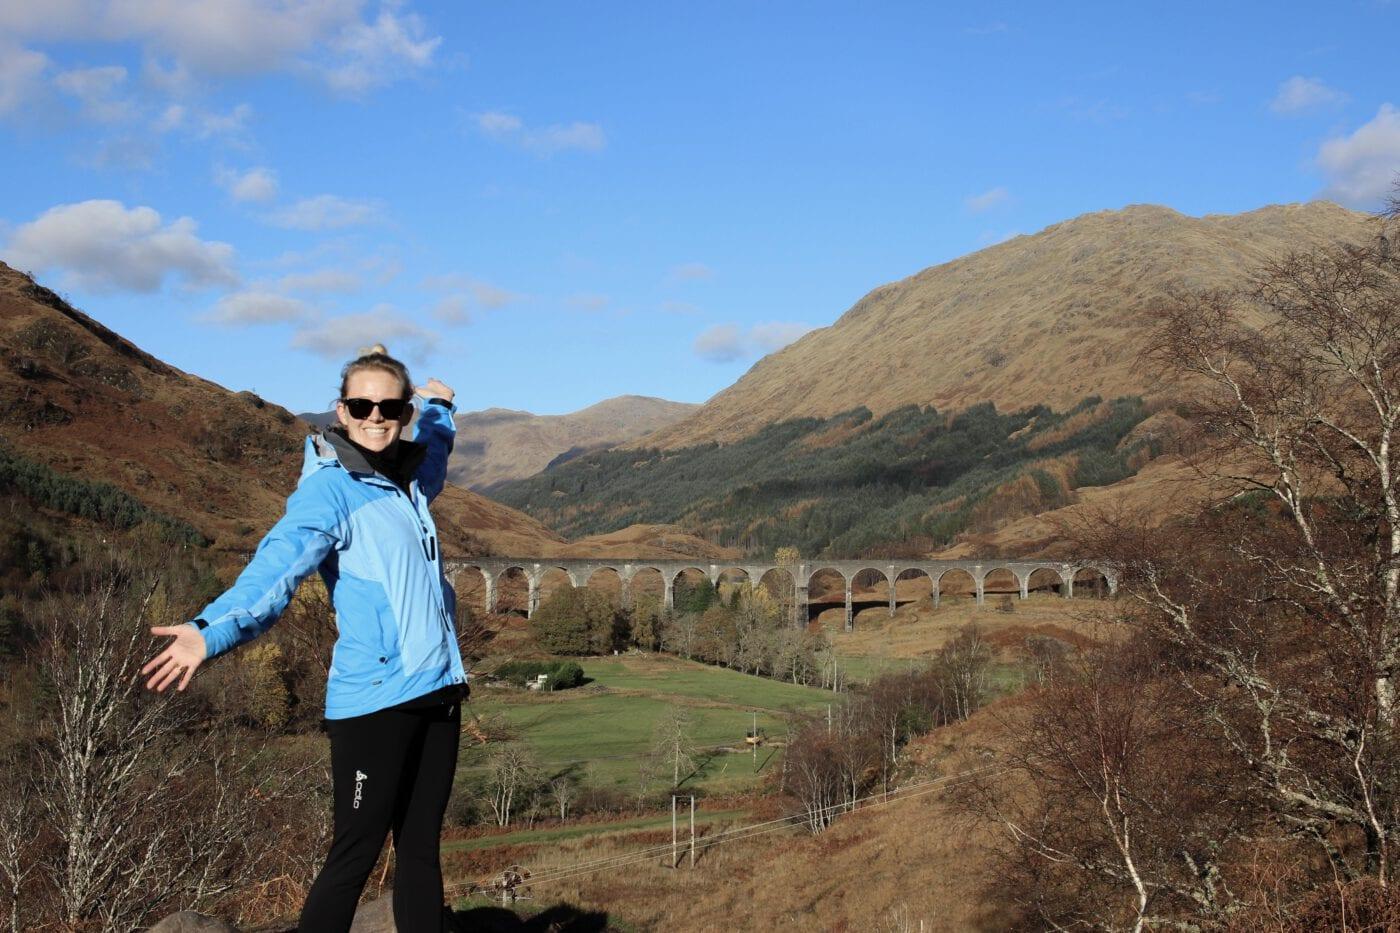 Wandern In Schottland Mein Wanderurlaub In 7 Etappen